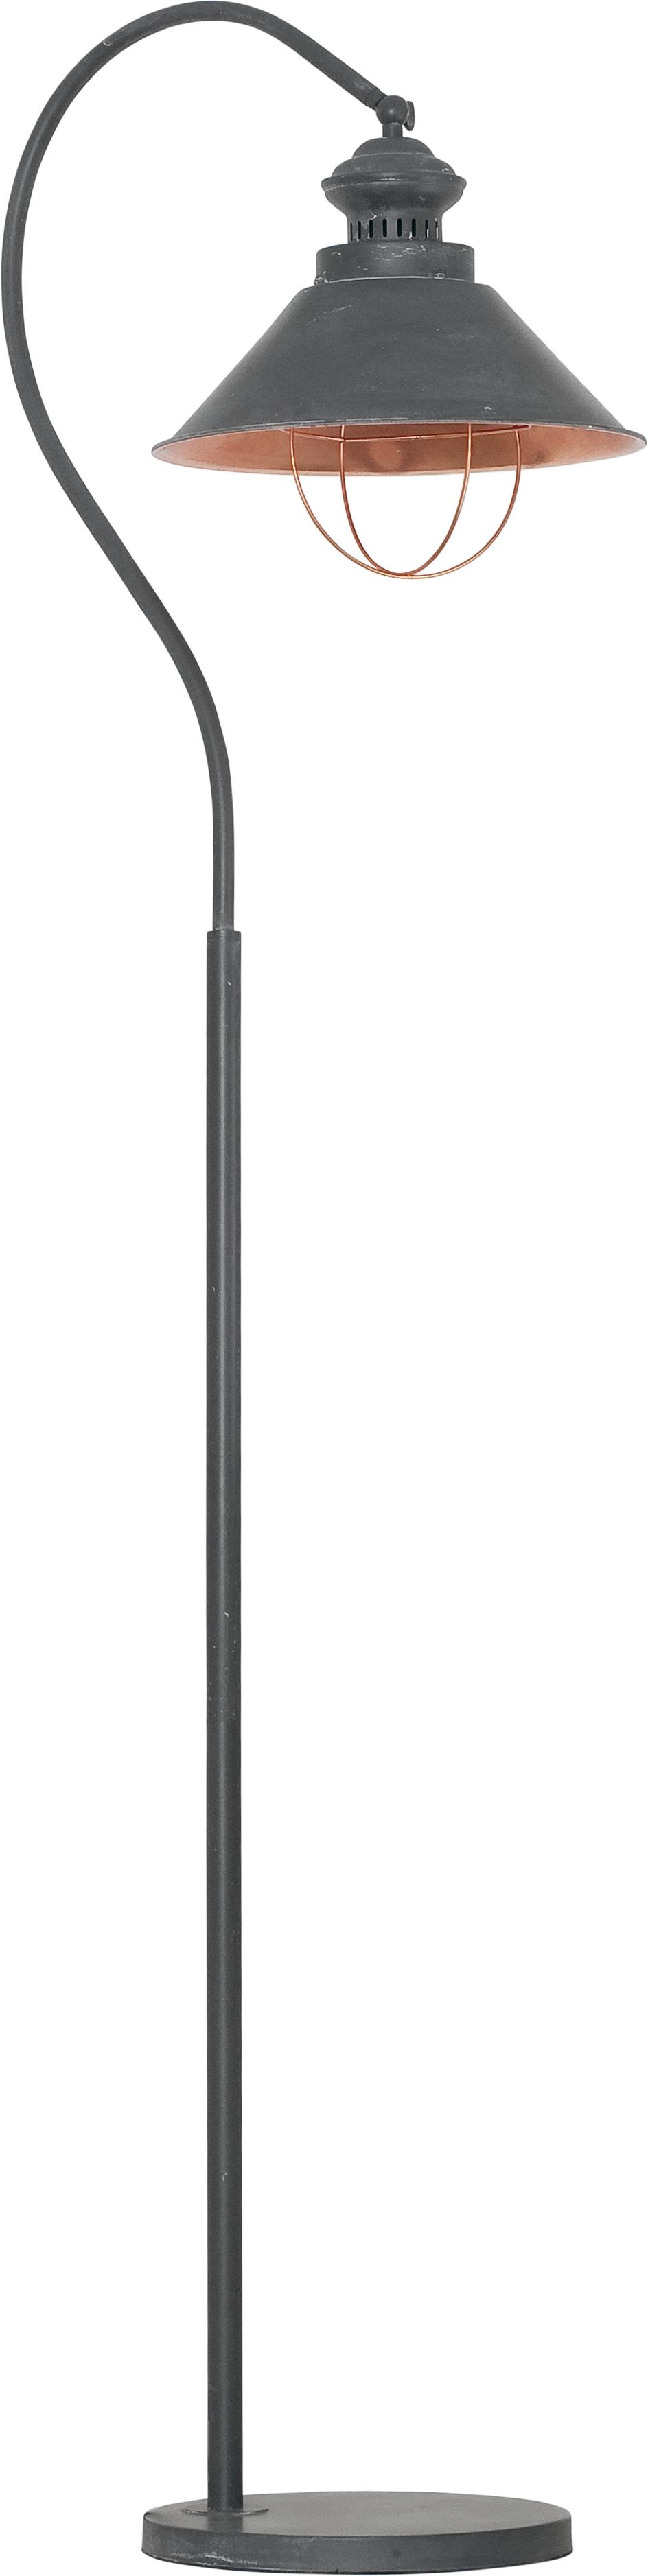 Klasická stojanová lampa 5056 Loft (Nowodvorski)